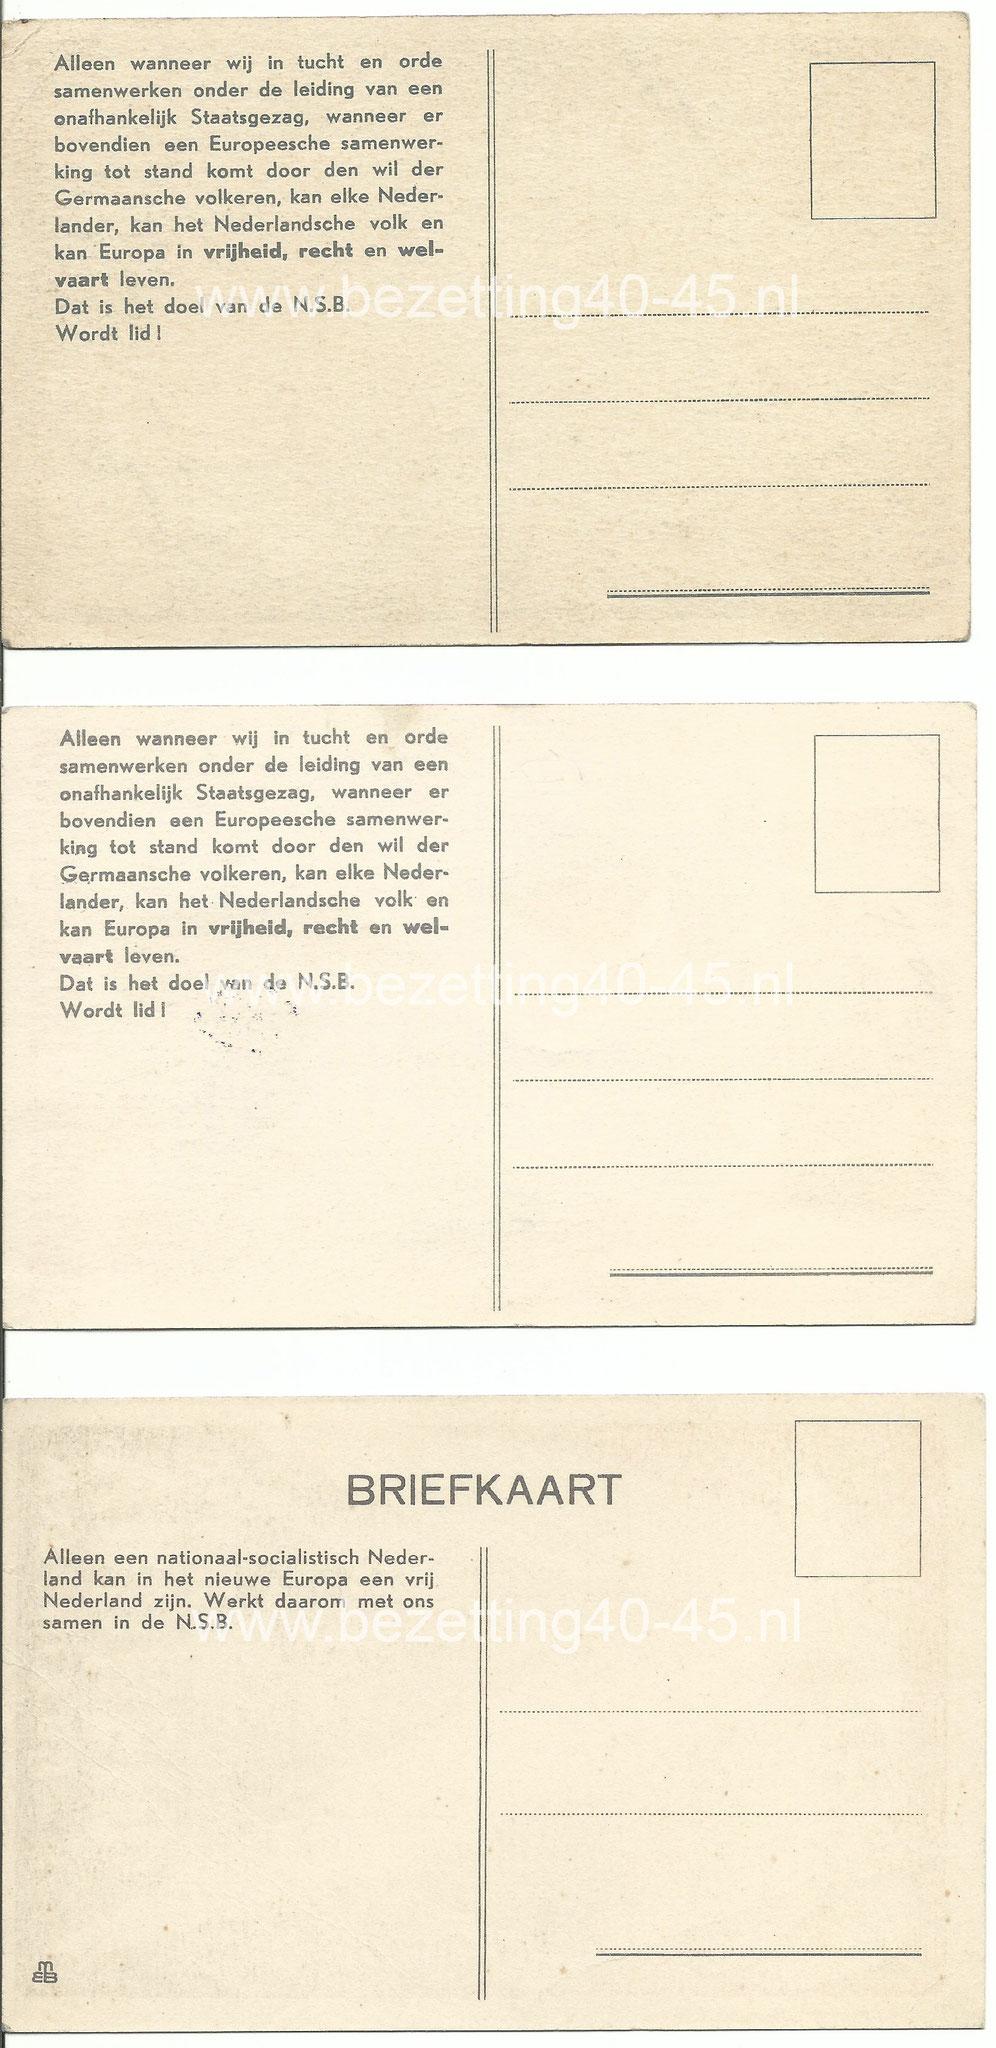 NSB briefkaarten, 3 stuks.